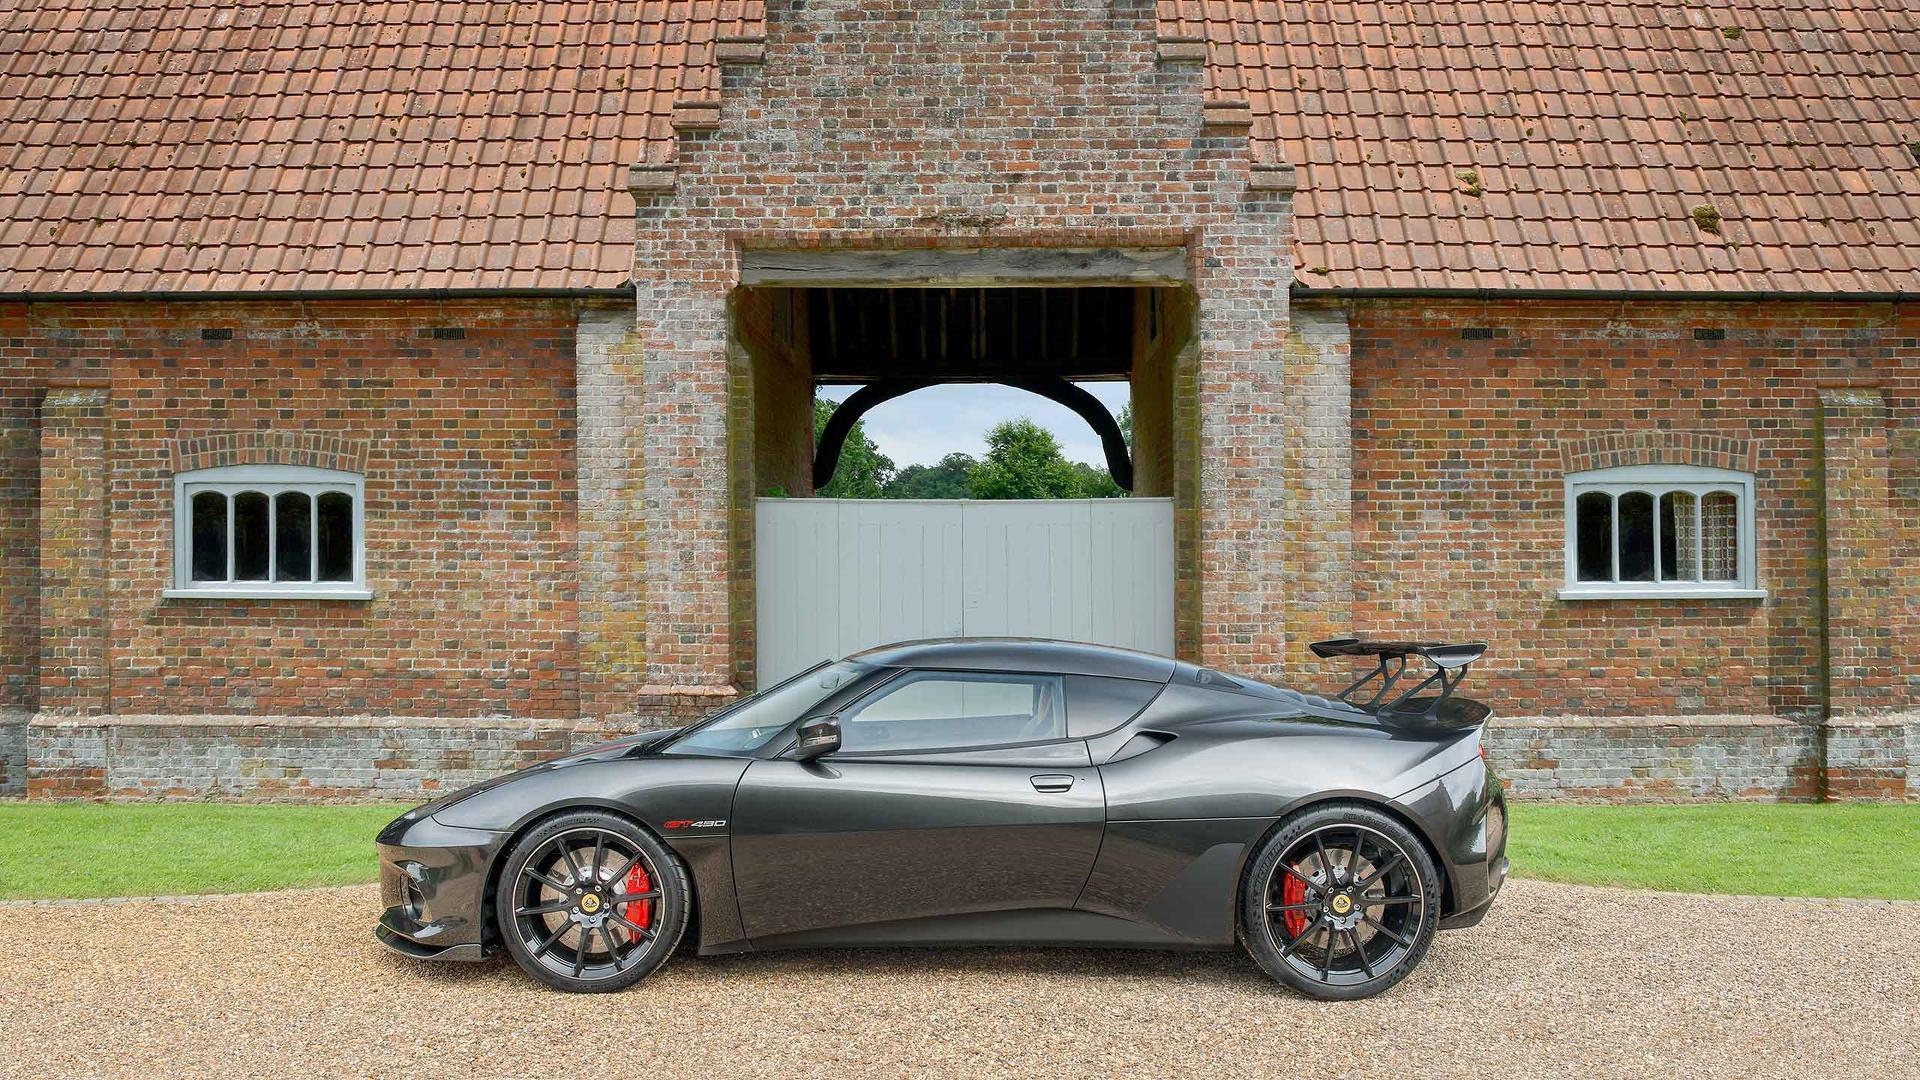 nouvelle-lotus-evora-gt430-a-l-assaut-des-supercars-382-4.jpg